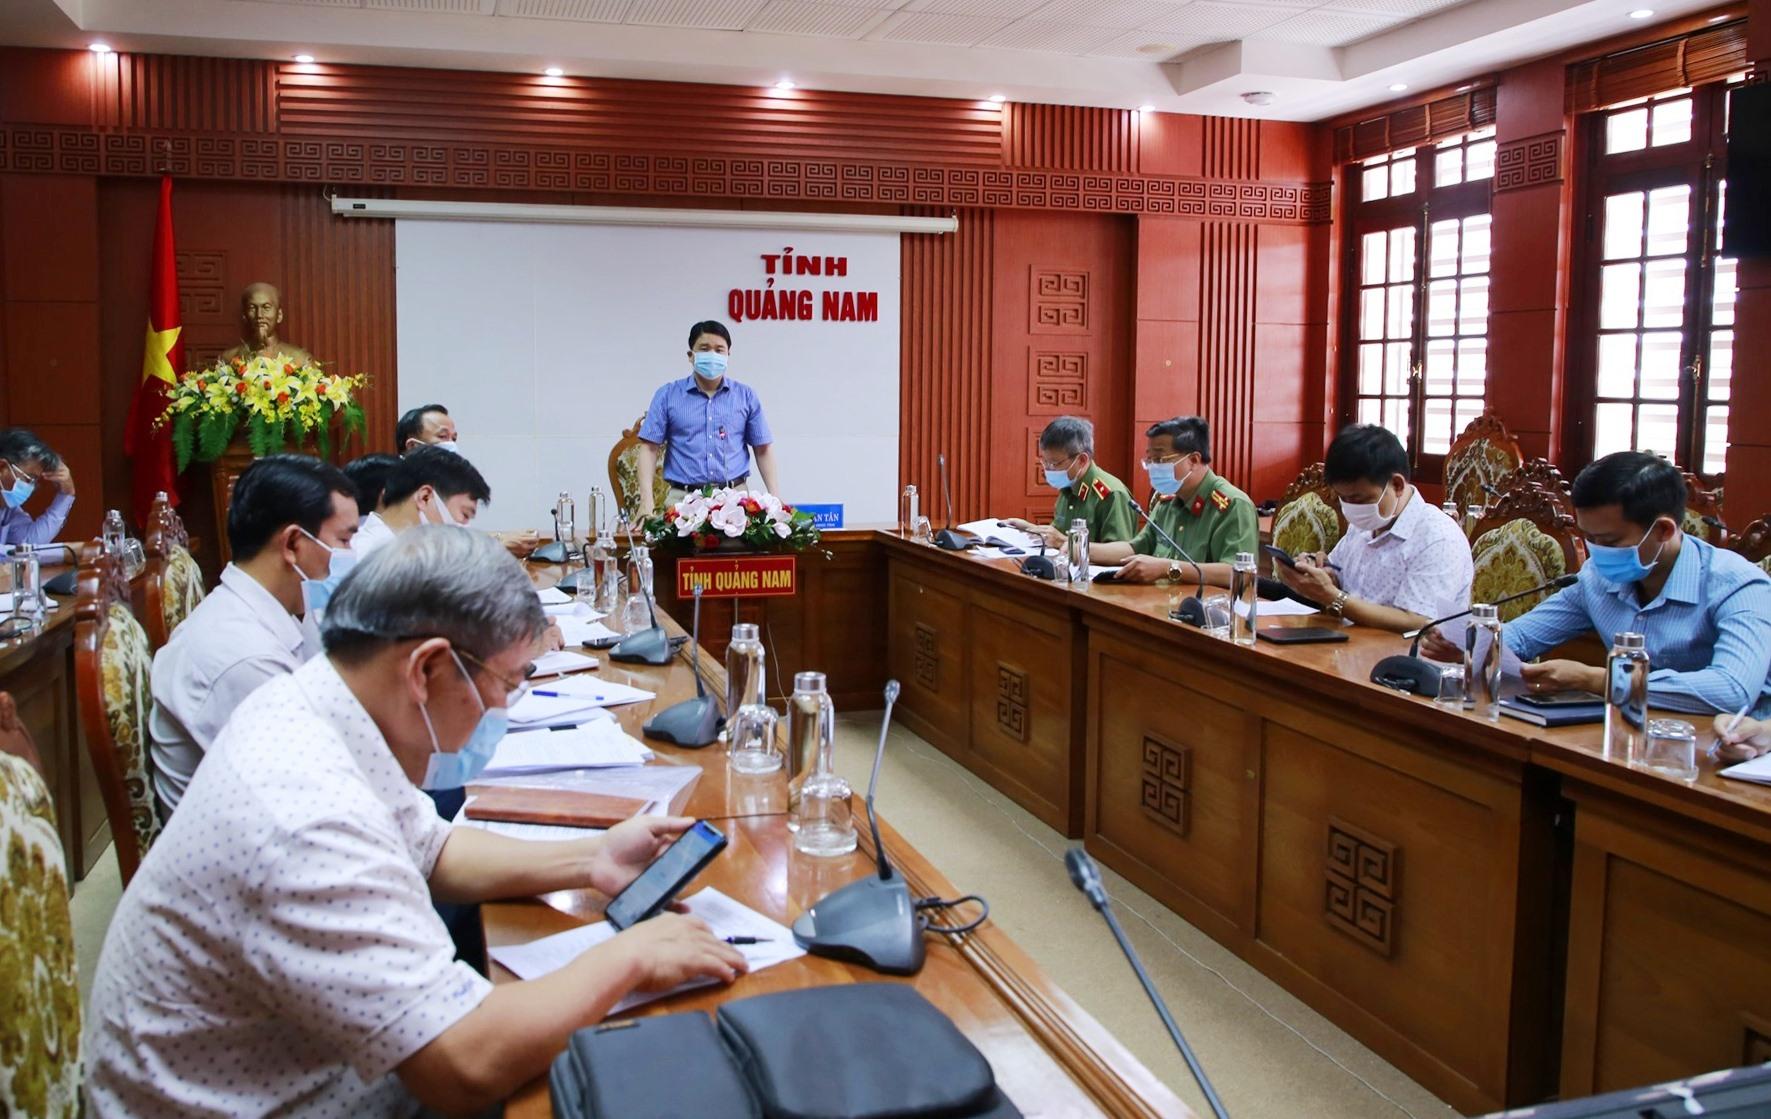 Phó Chủ tịch UBND tỉnh Trần Văn Tân chủ trì cuộc làm việc. Ảnh: T.C